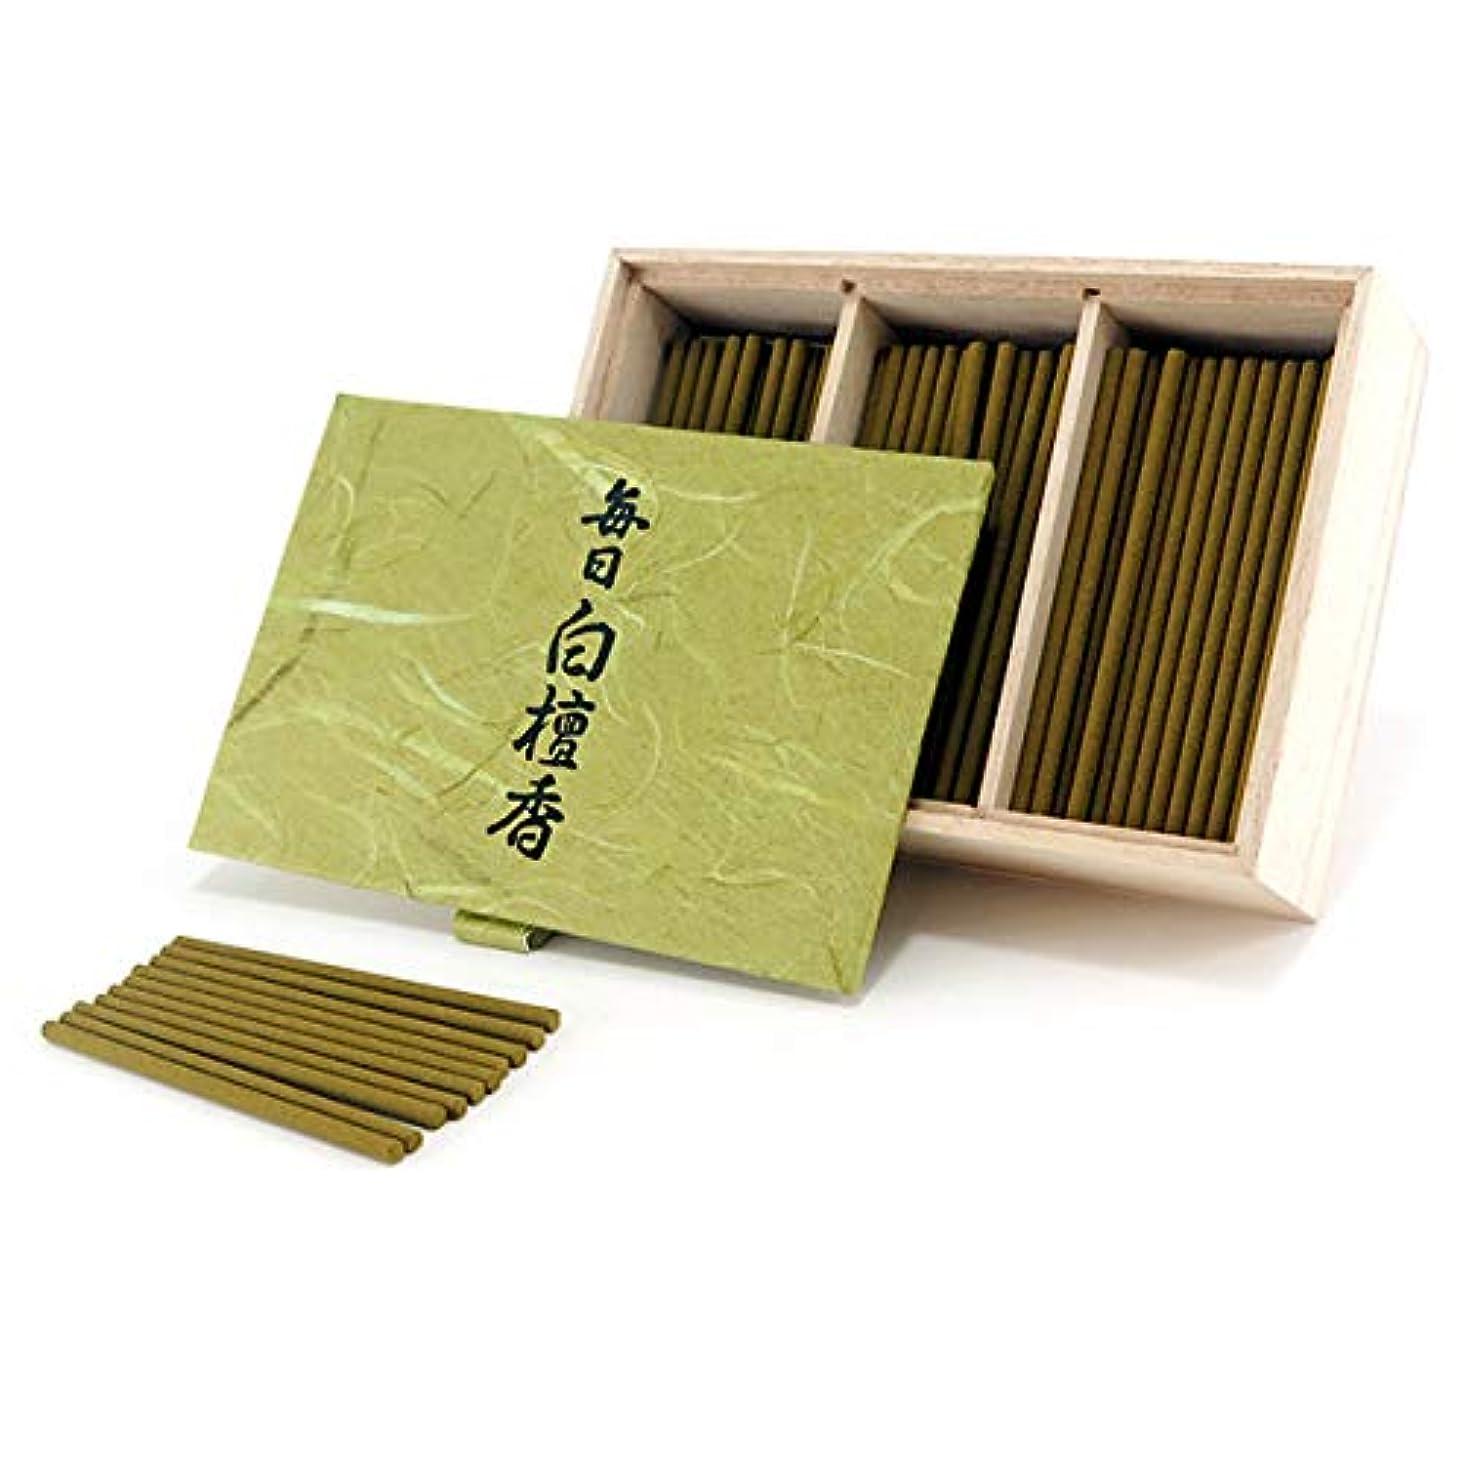 マイクポータブルコーヒー日本香堂のお香 毎日白檀香 スティックミニ寸お徳用150本入り